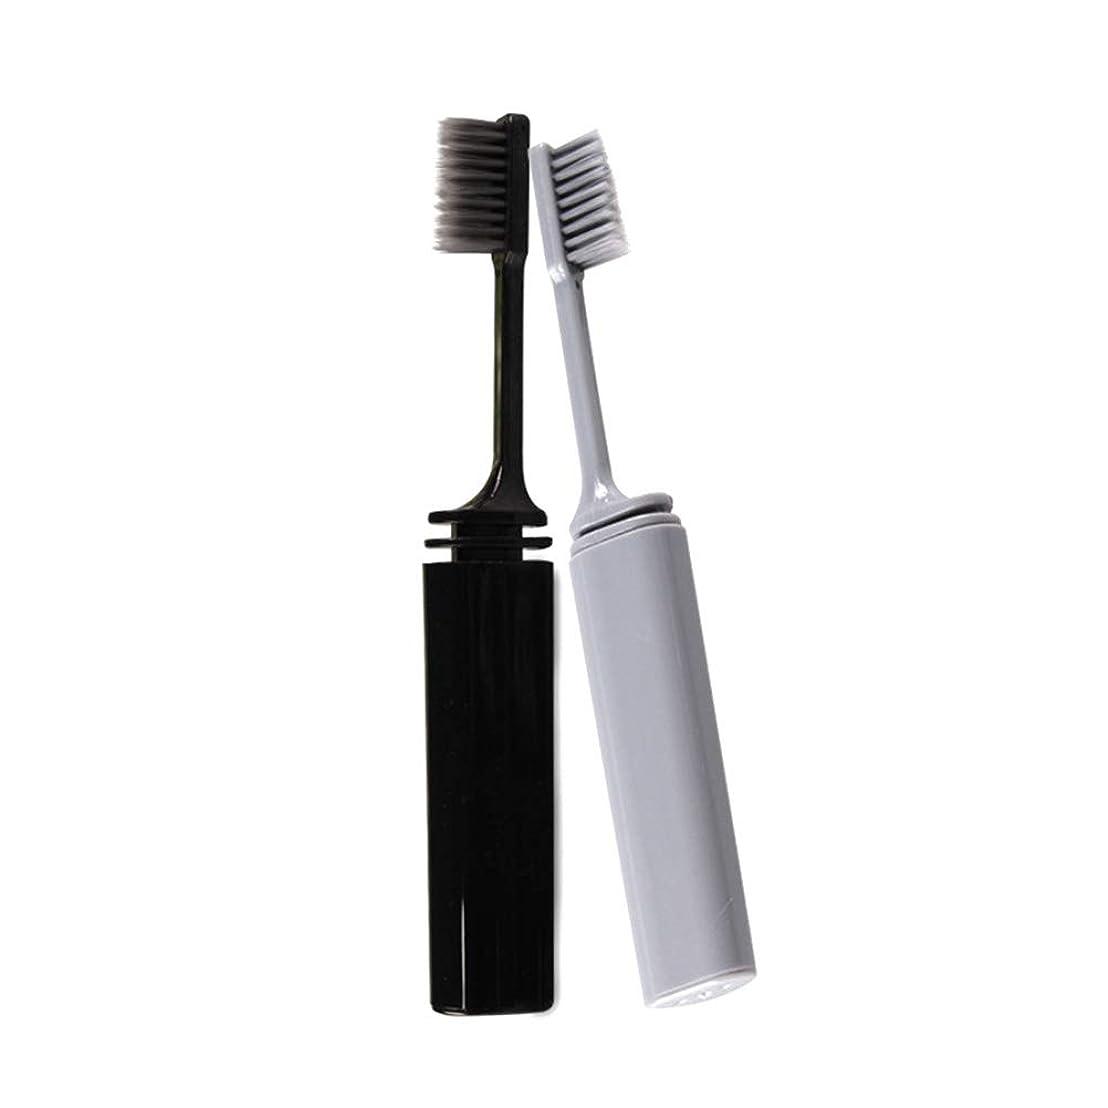 実用的アカウント賢明なHealifty 旅行用携帯用歯ブラシ折りたたみ竹炭歯ブラシ2本(グレー+ブラック)